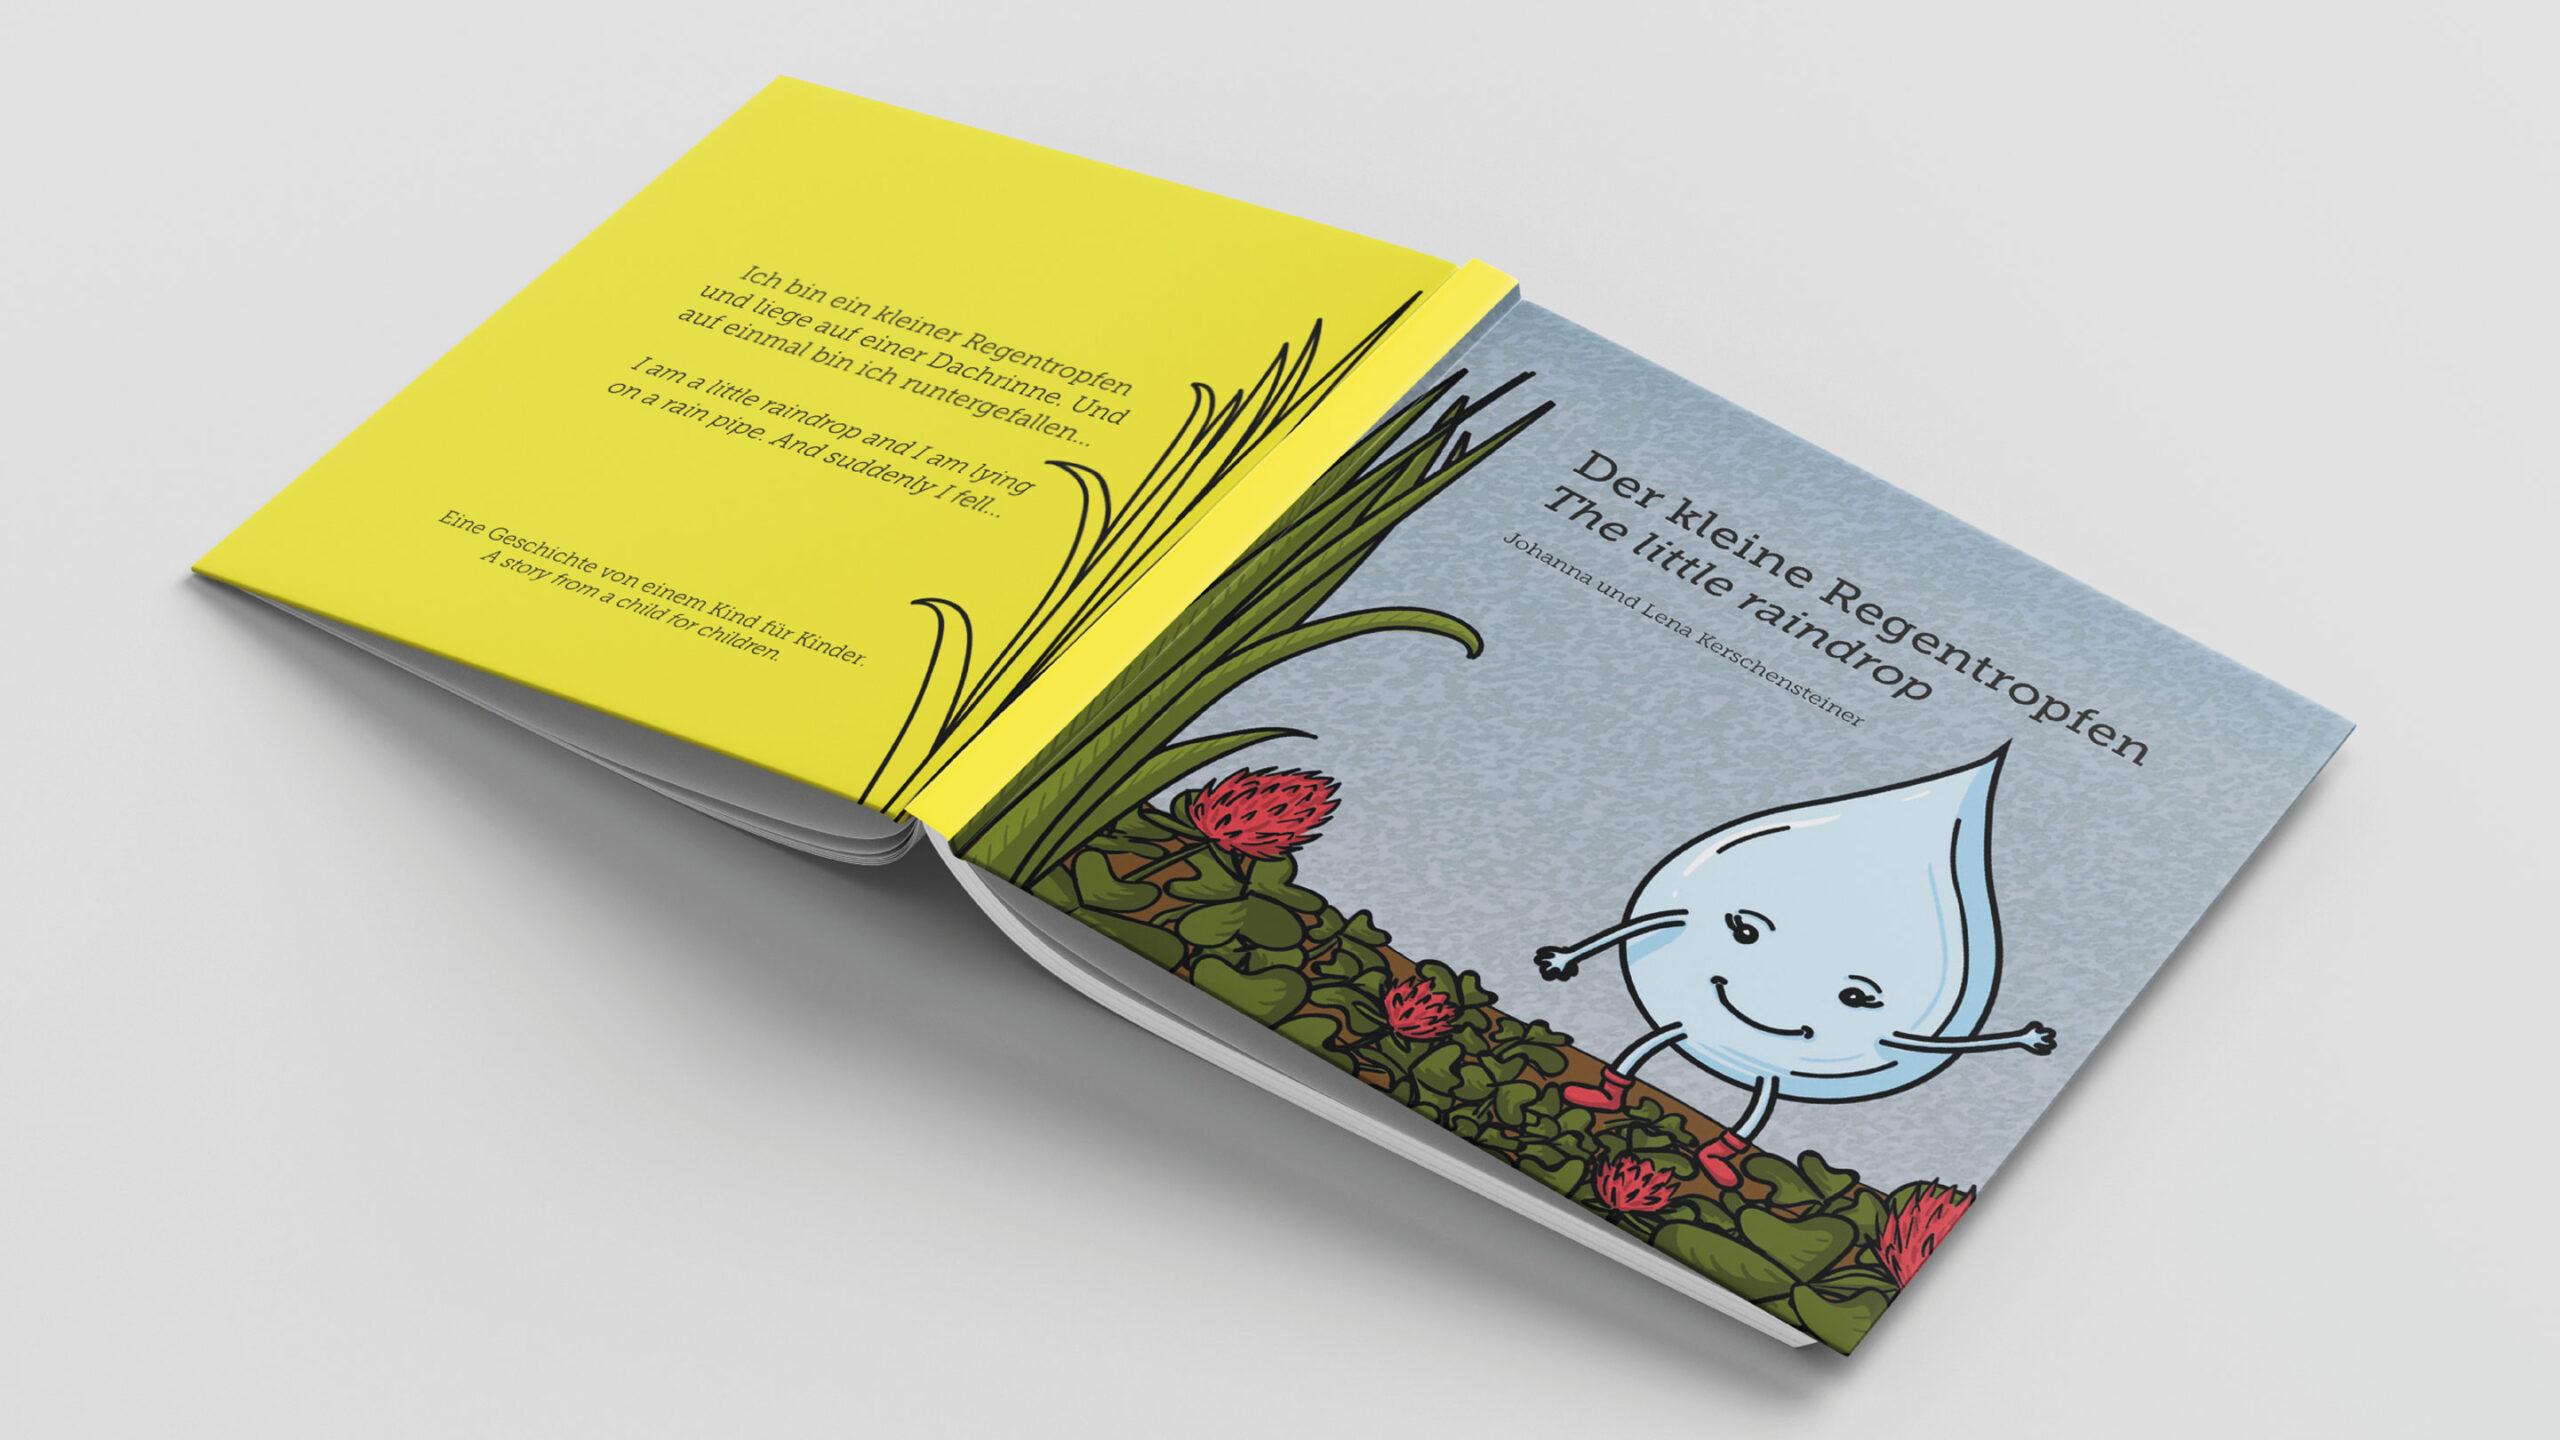 johannakerschensteiner_the-little-raindrop_book